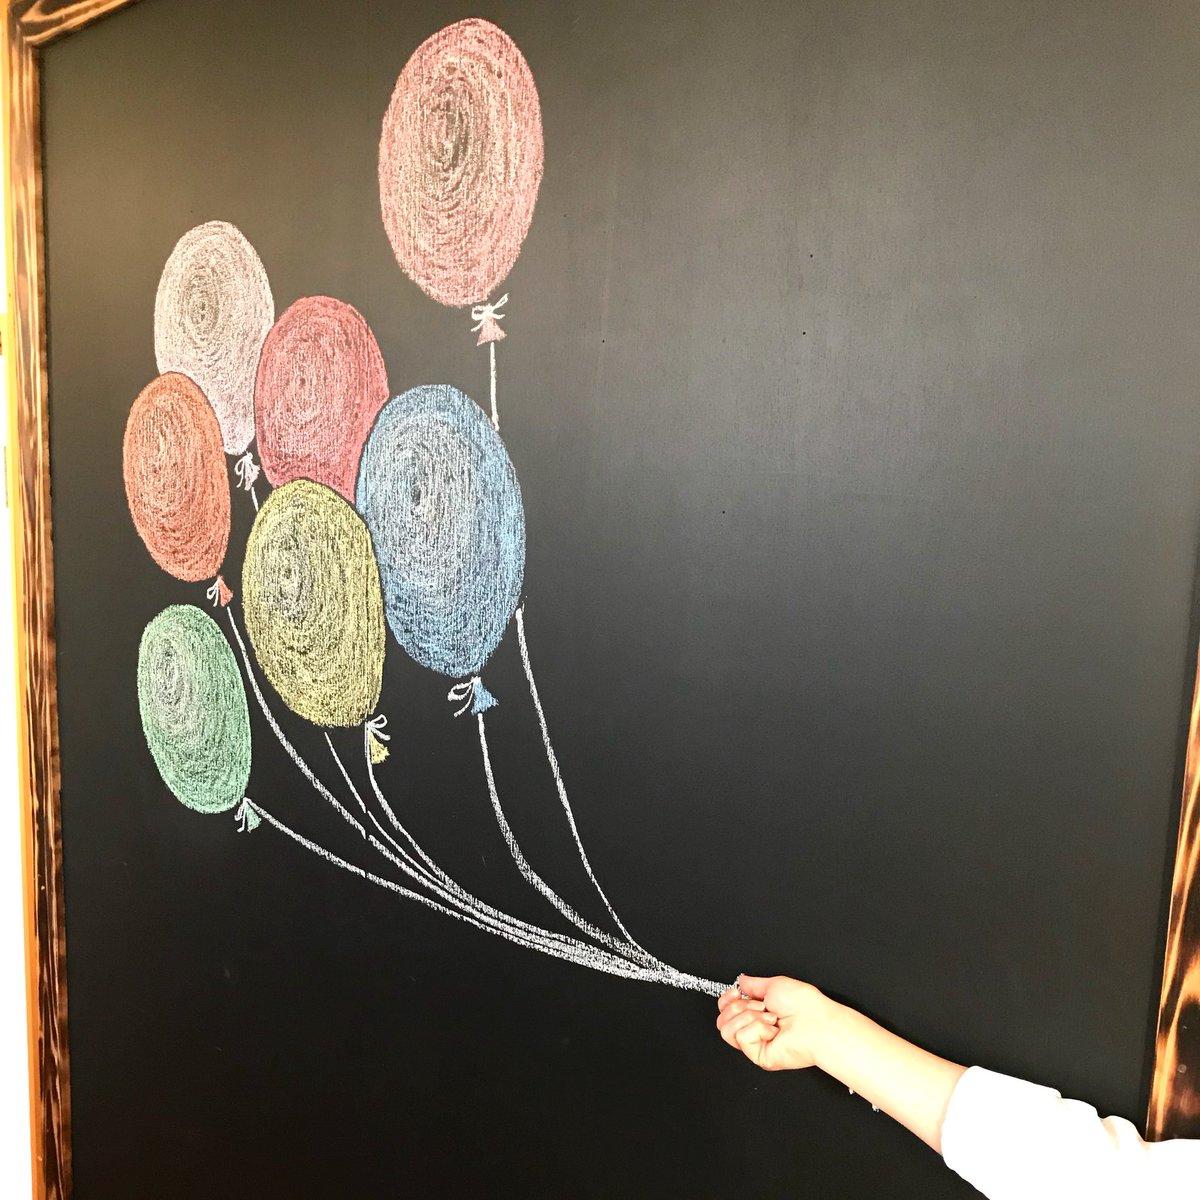 おはようございます☀今日も良い天気ですね(*^o^*) 旅館内の大きな黒板、新しい絵が完成しました! #まるみつ旅館黒板 でどんどん投稿して下さいね(о´∀`о)  #黒板 #インスタ映え #投稿してね